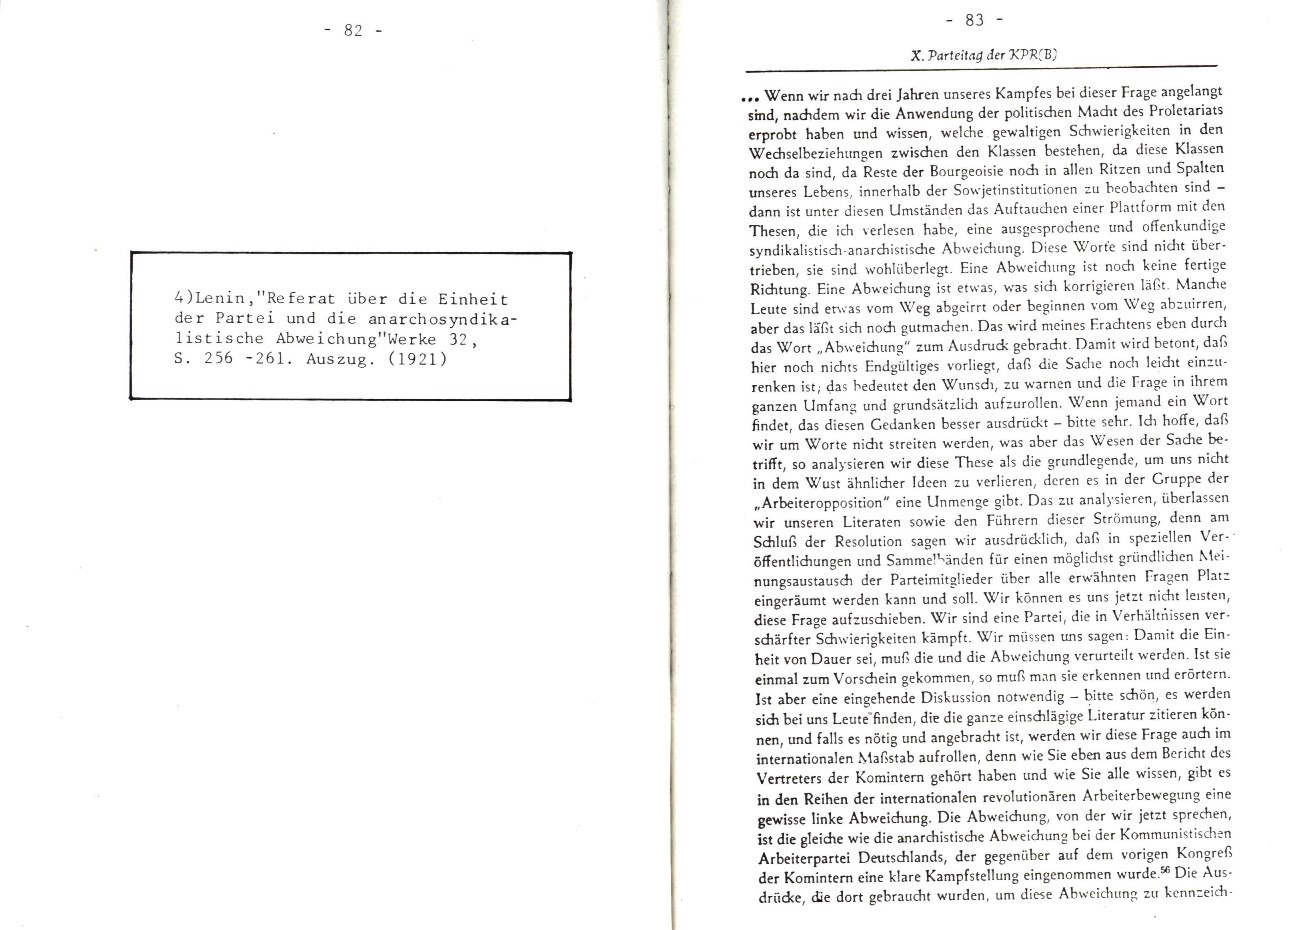 MLSK_Theorie_und_Praxis_des_ML_1979_25_42